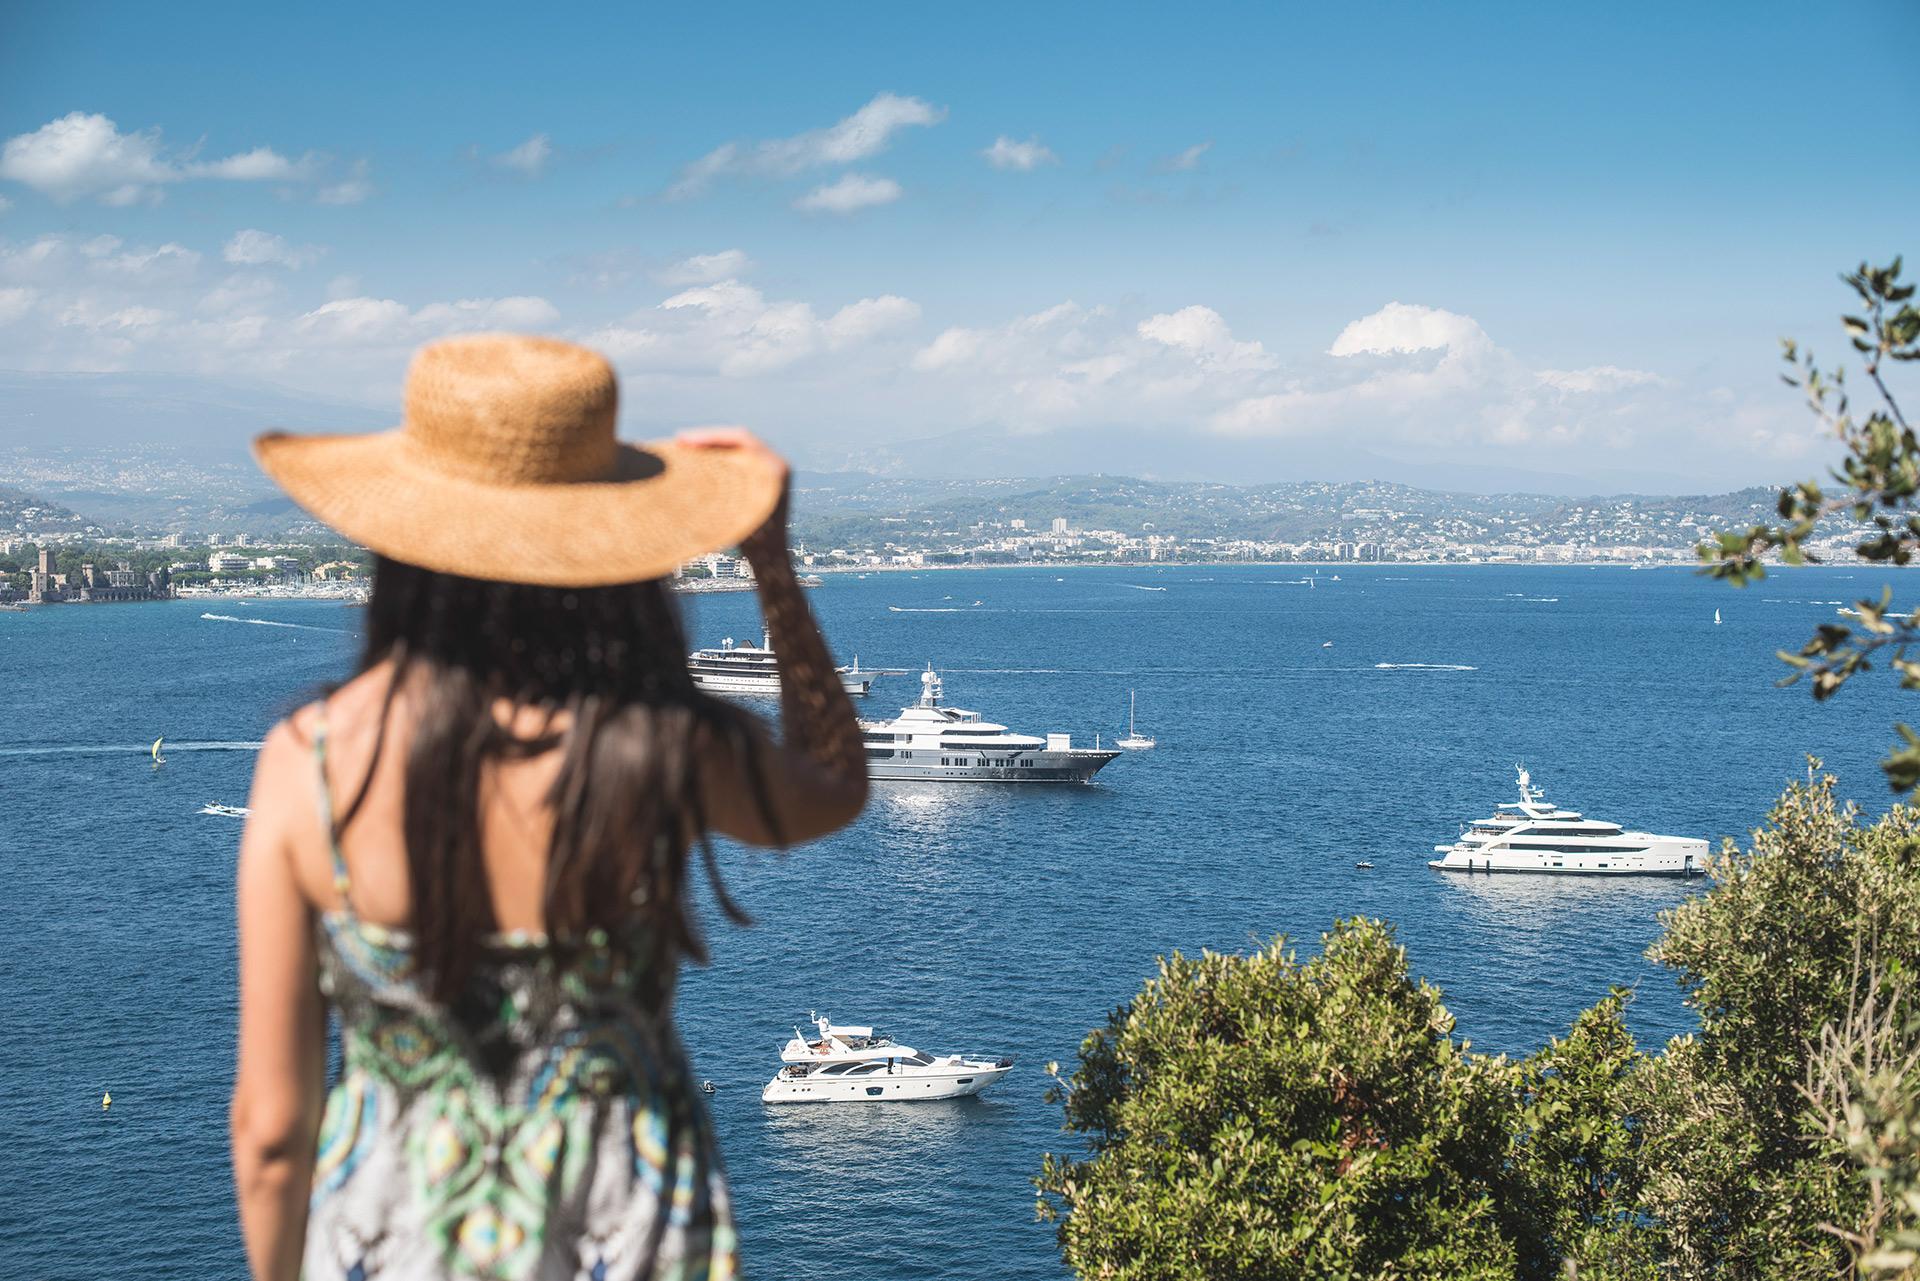 Kobieta w letniej sukience na wakacjach, ilustracja do artykułu